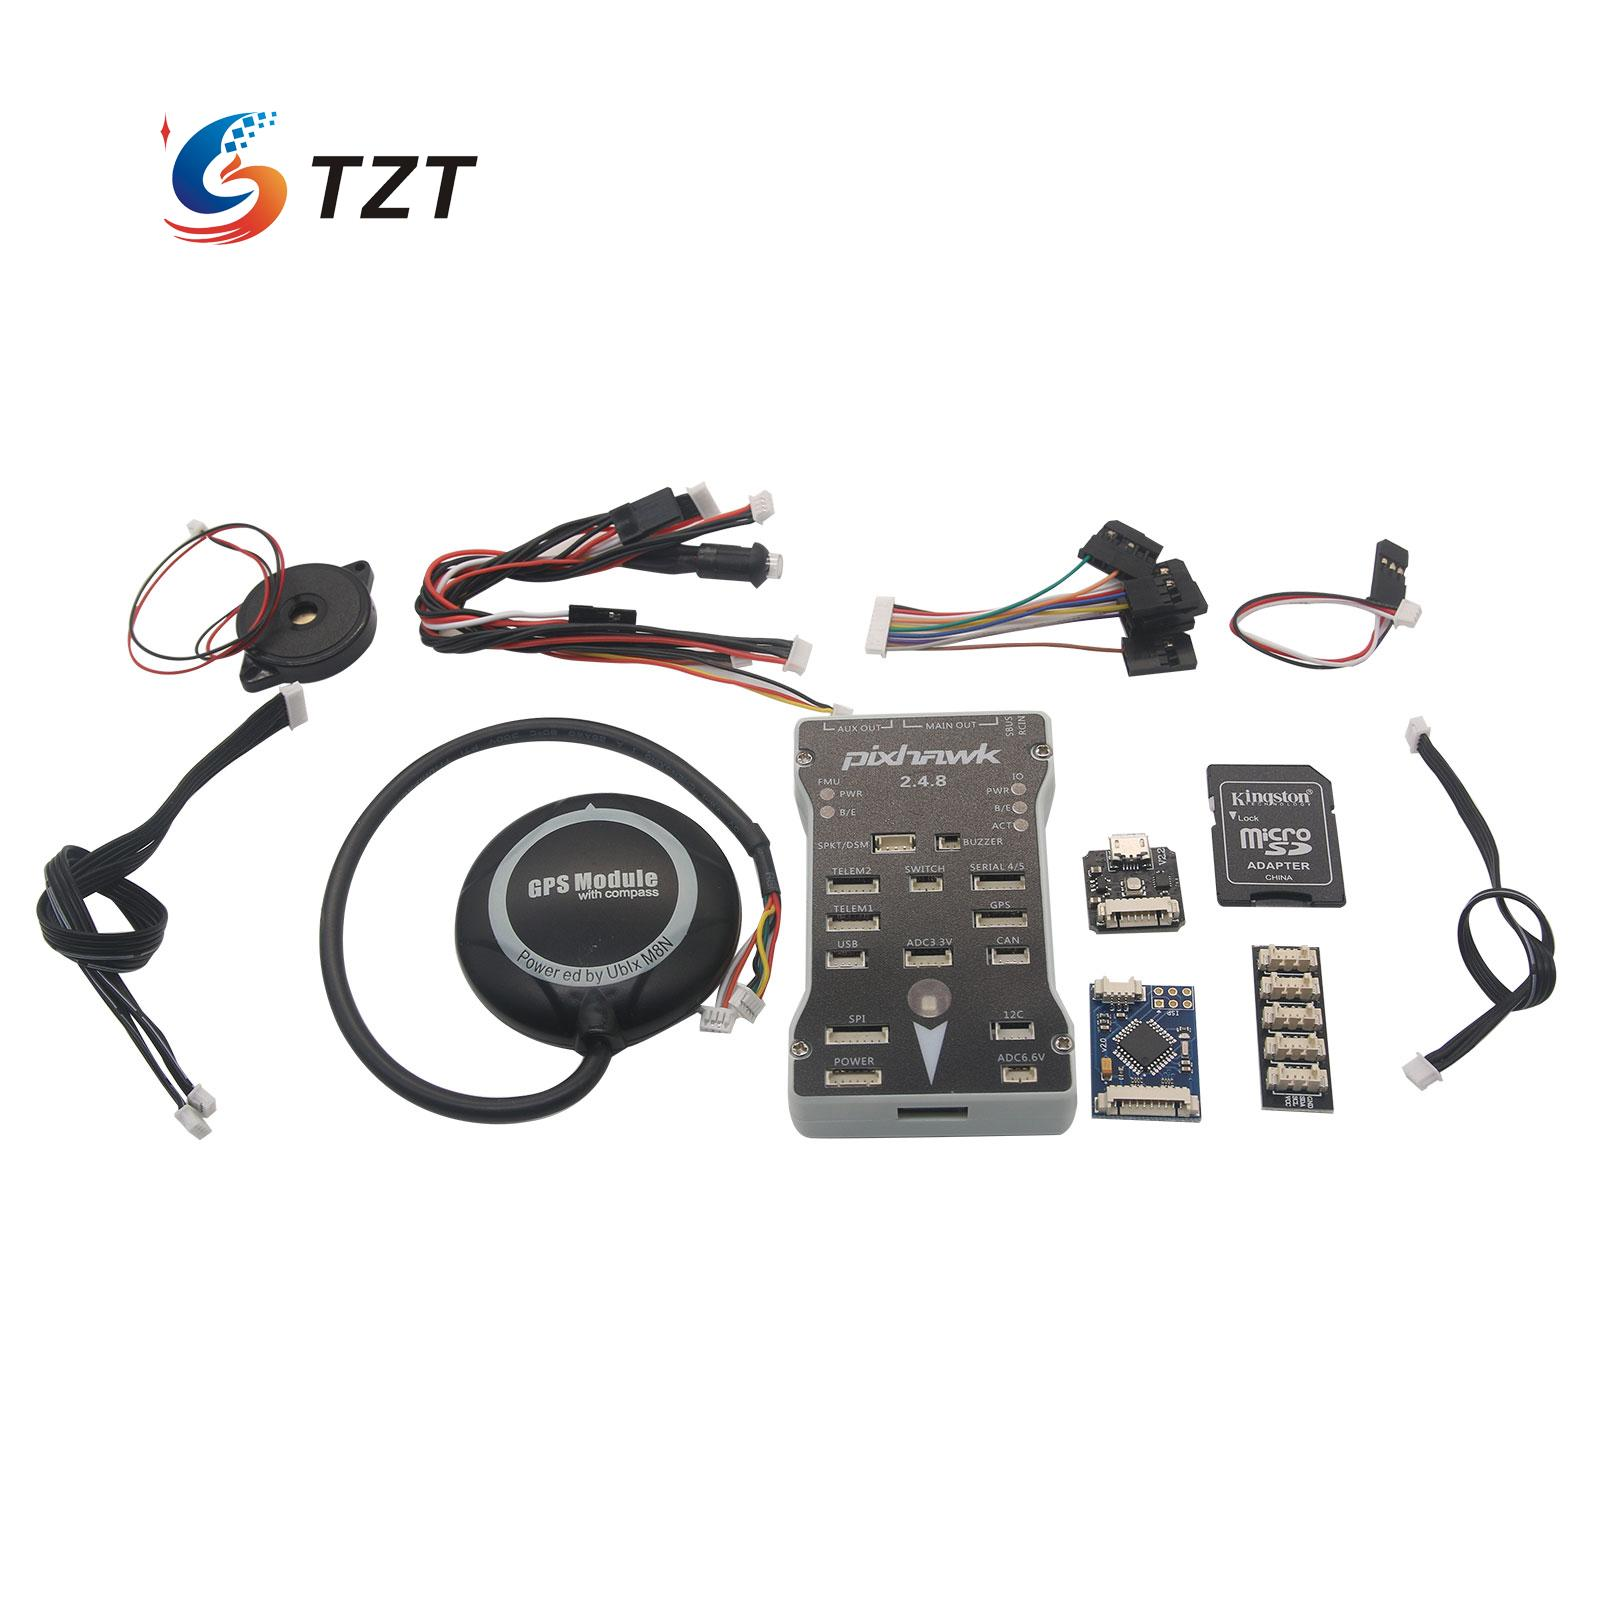 Pixhawk px4 2.4.8 32bit ARM FPV-системы Игровые Джойстики + m8n GPS + PPM кодер и светодиодный индикатор и I2C сплиттер для радиоуправляемый квадрокоптер